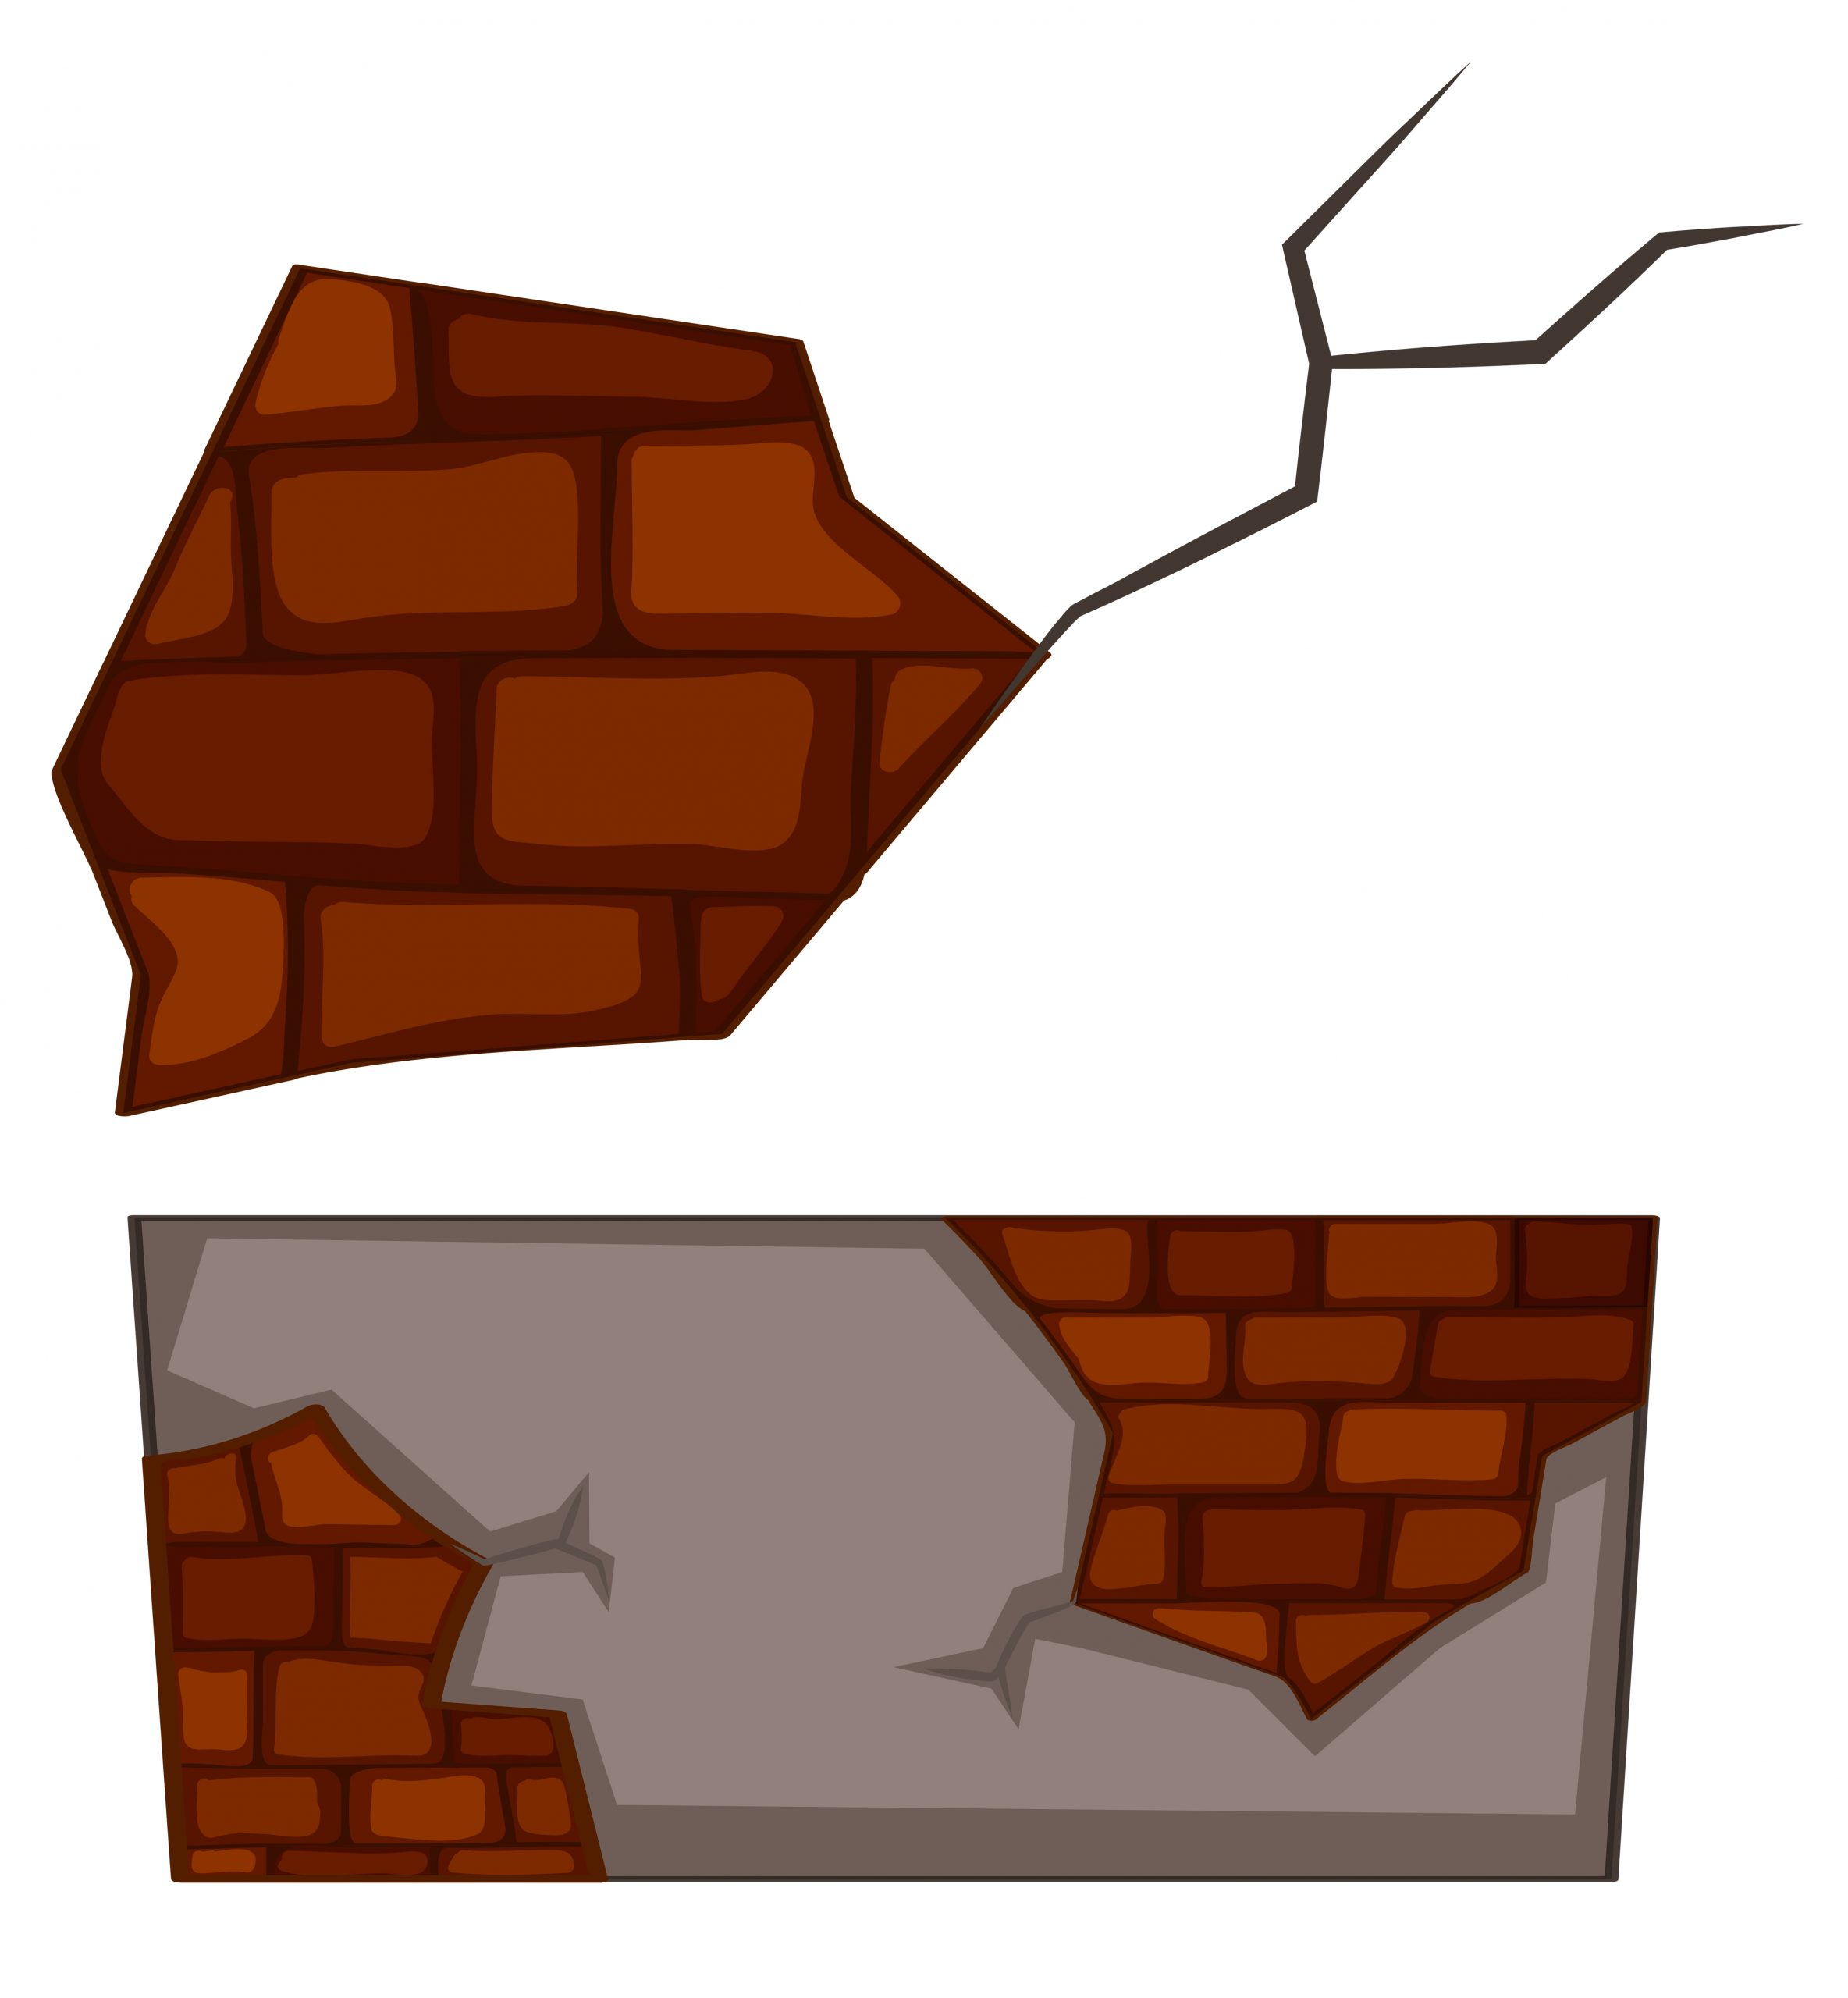 Mur De Briques Avec Des Fissures Sur Fond Blanc tout Casse Brique Gratuit En Ligne